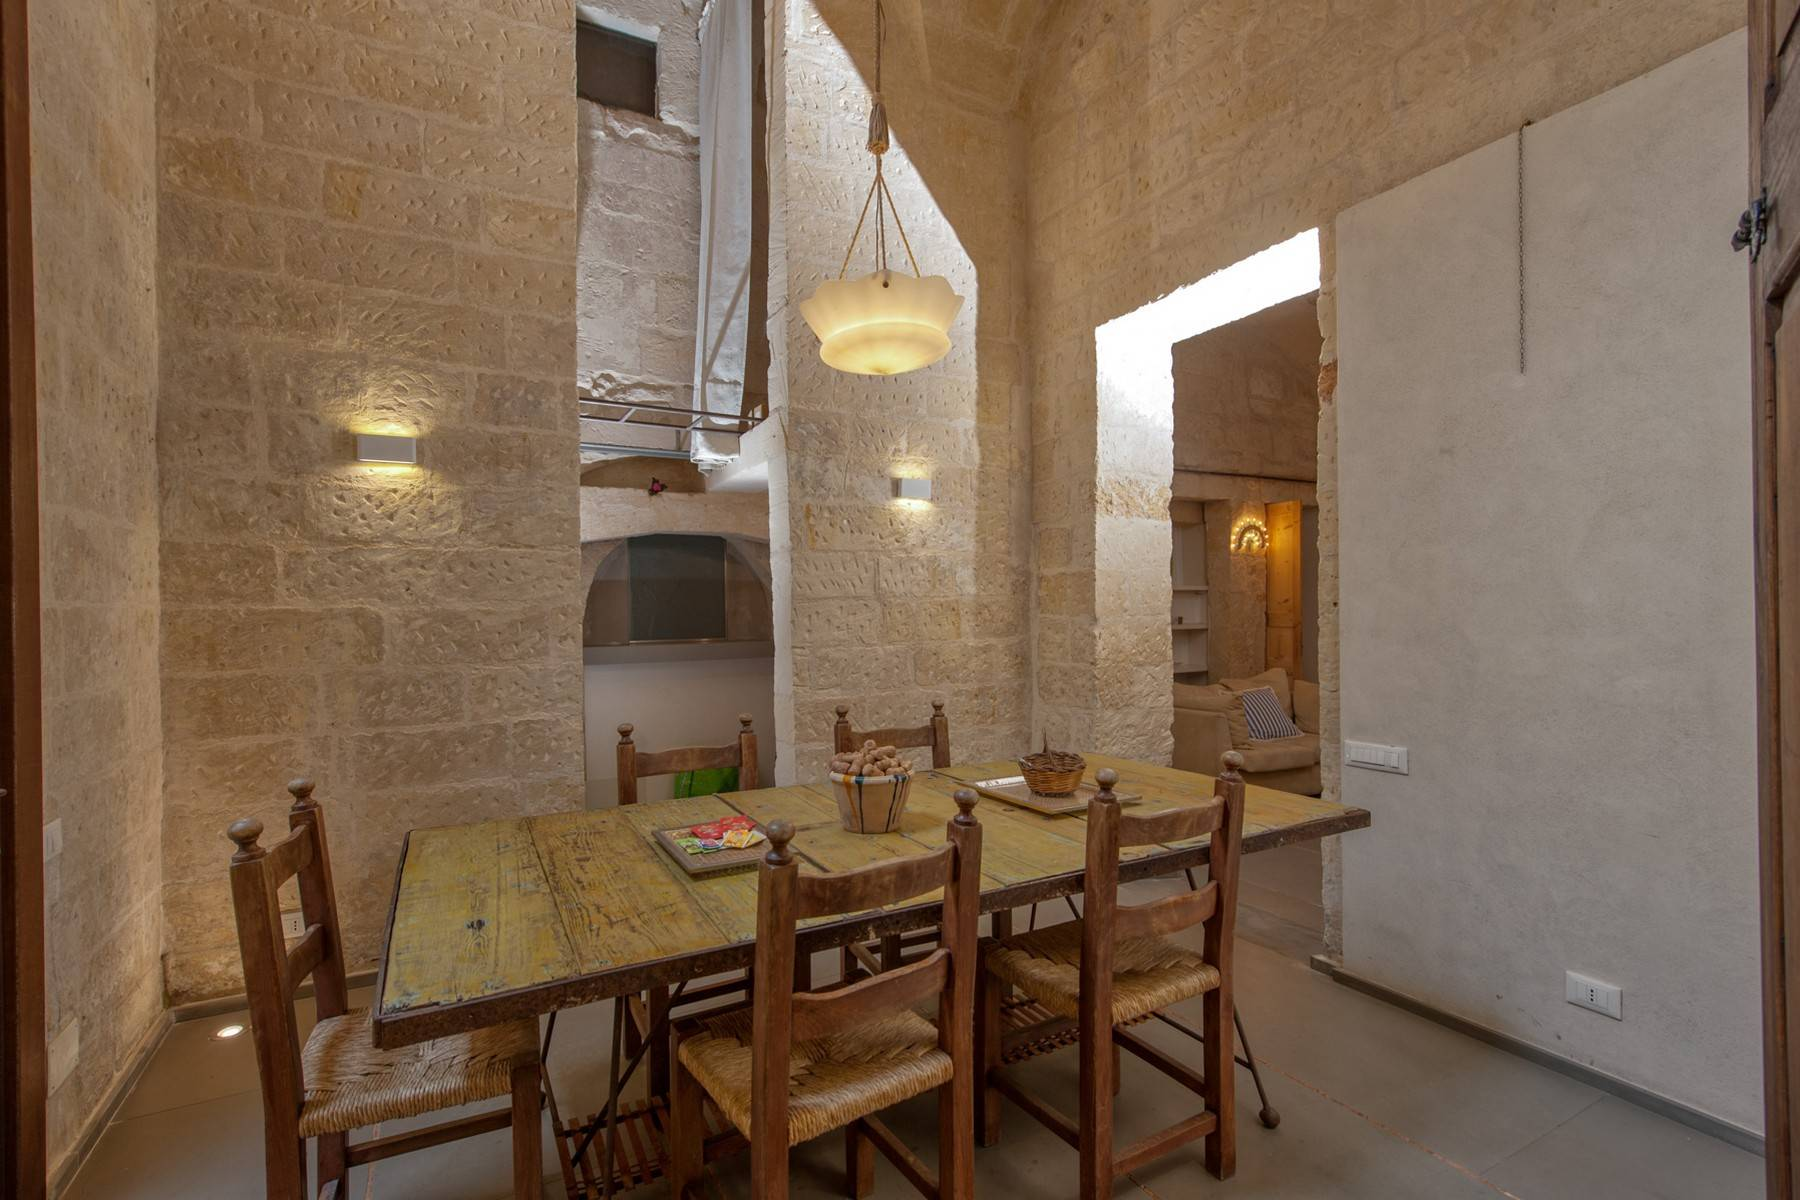 Casa indipendente in Vendita a Lecce: 5 locali, 180 mq - Foto 5